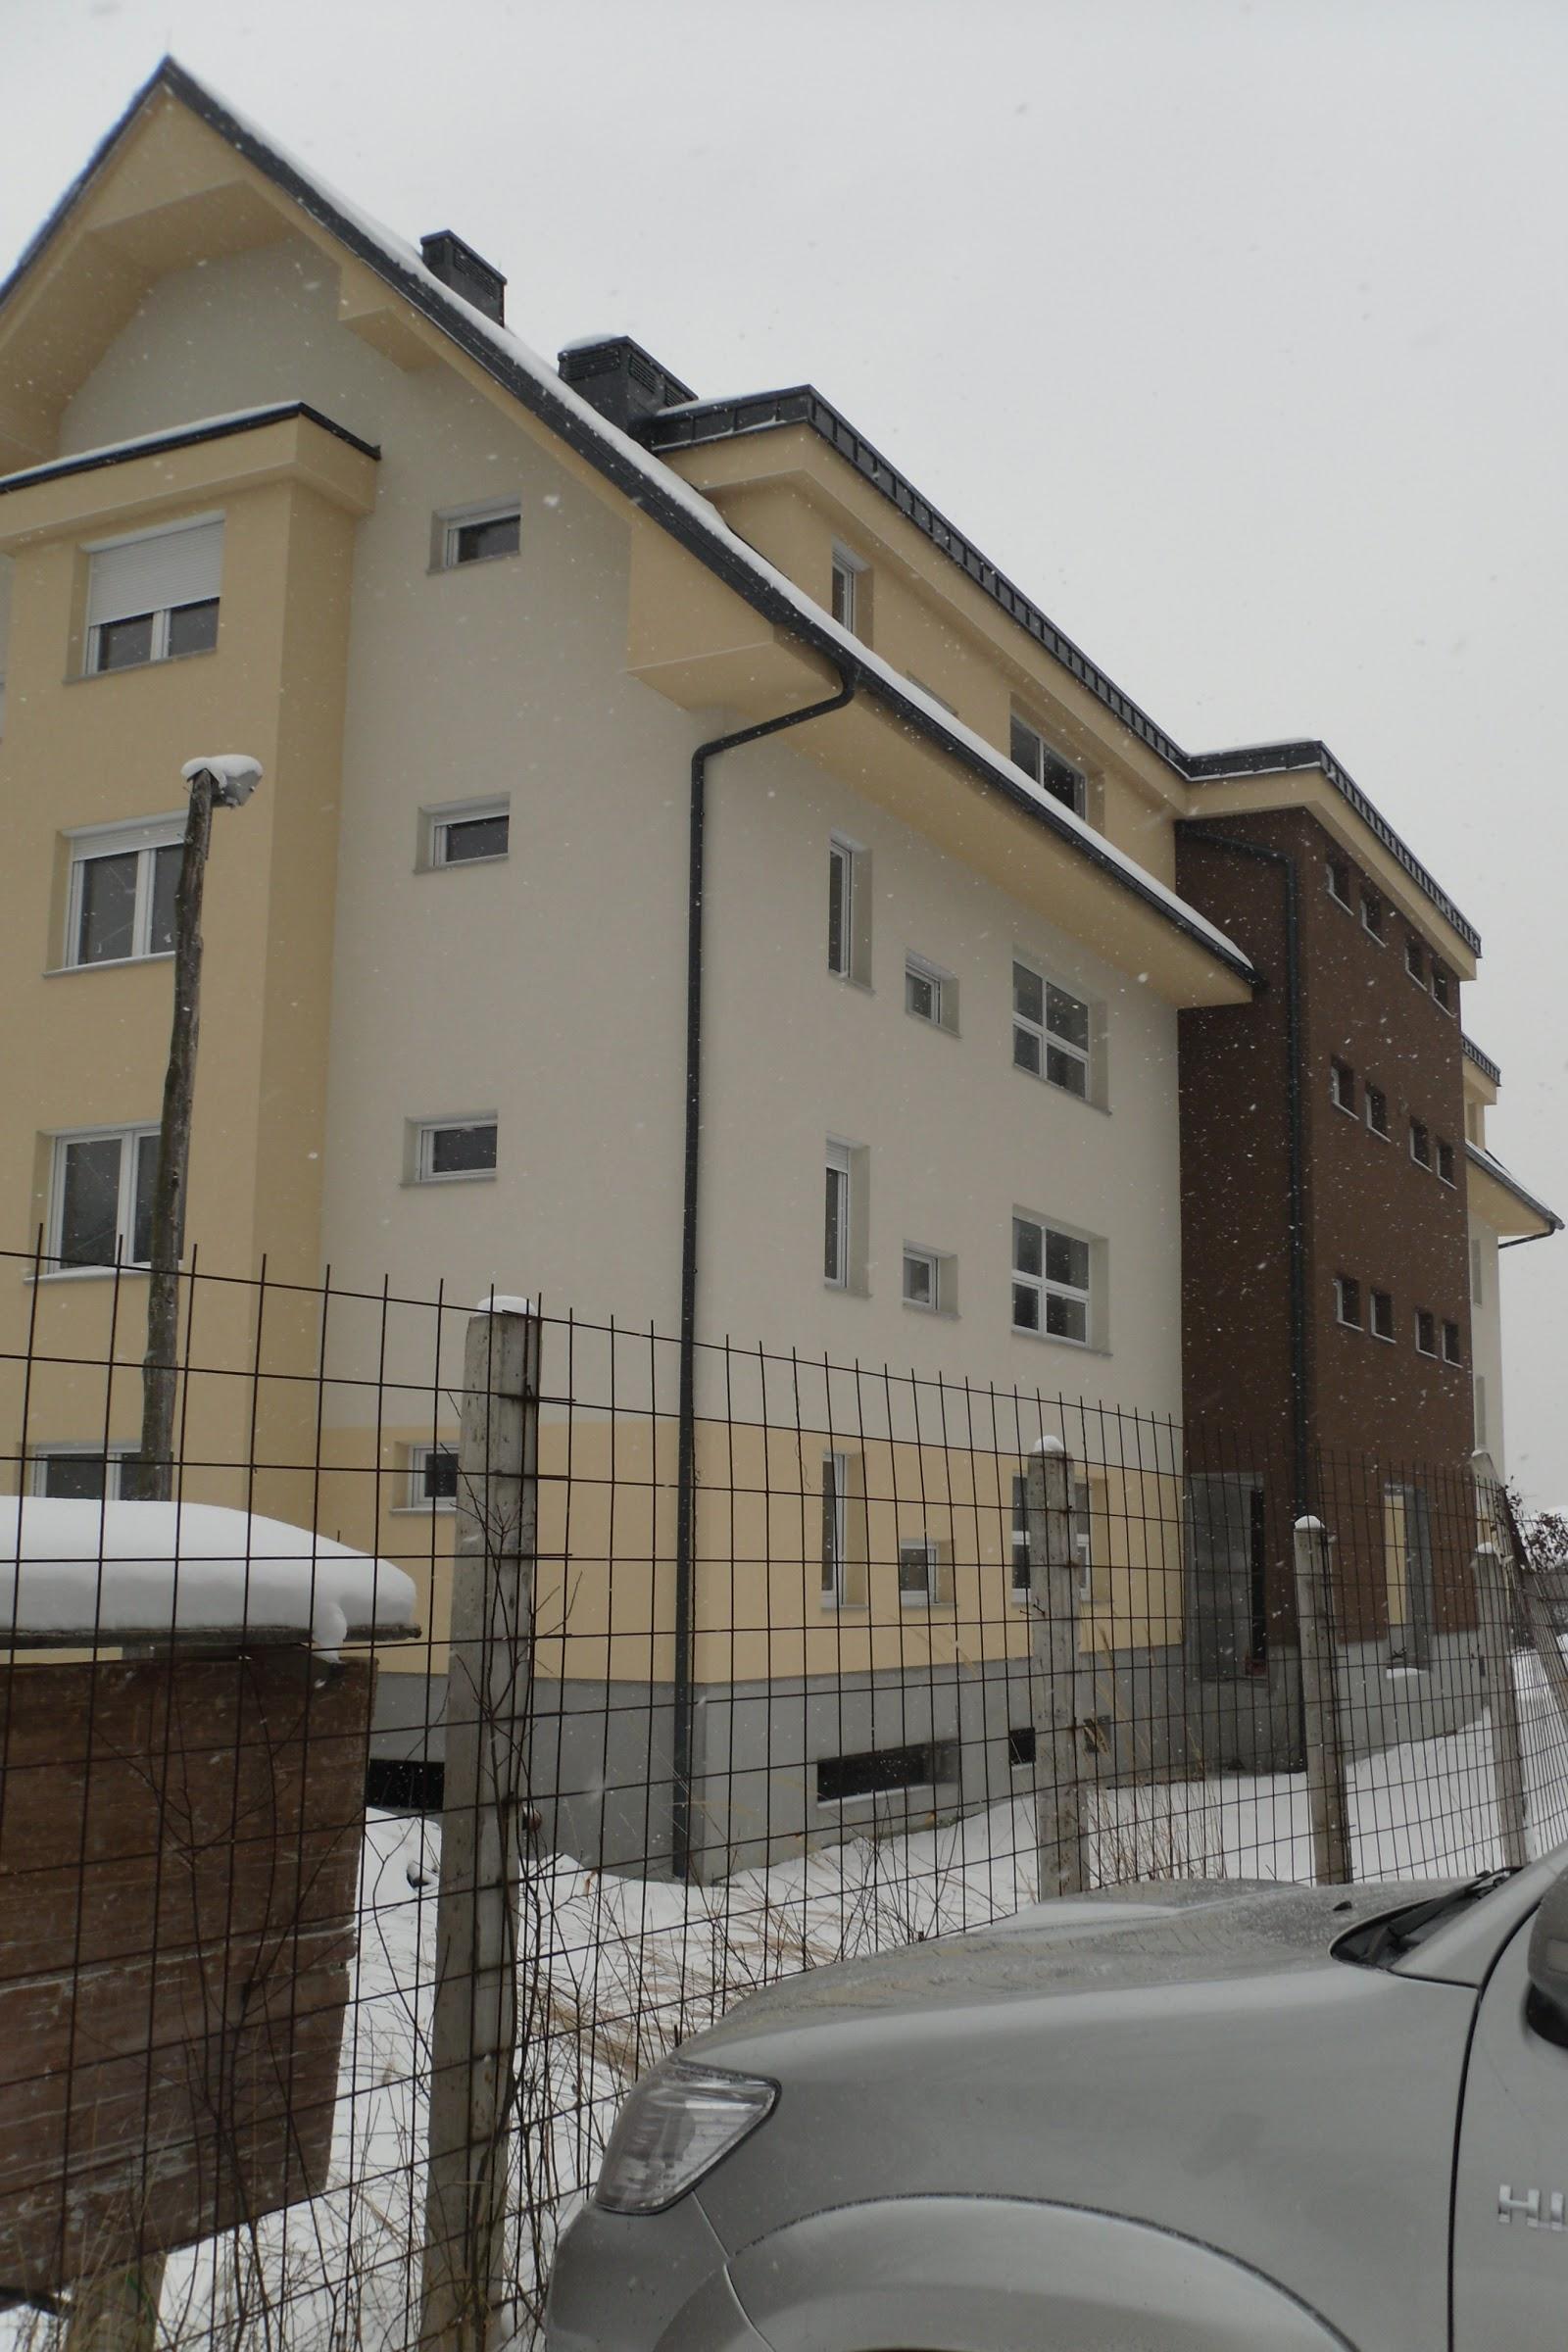 Stanovanjski blok ZREČE